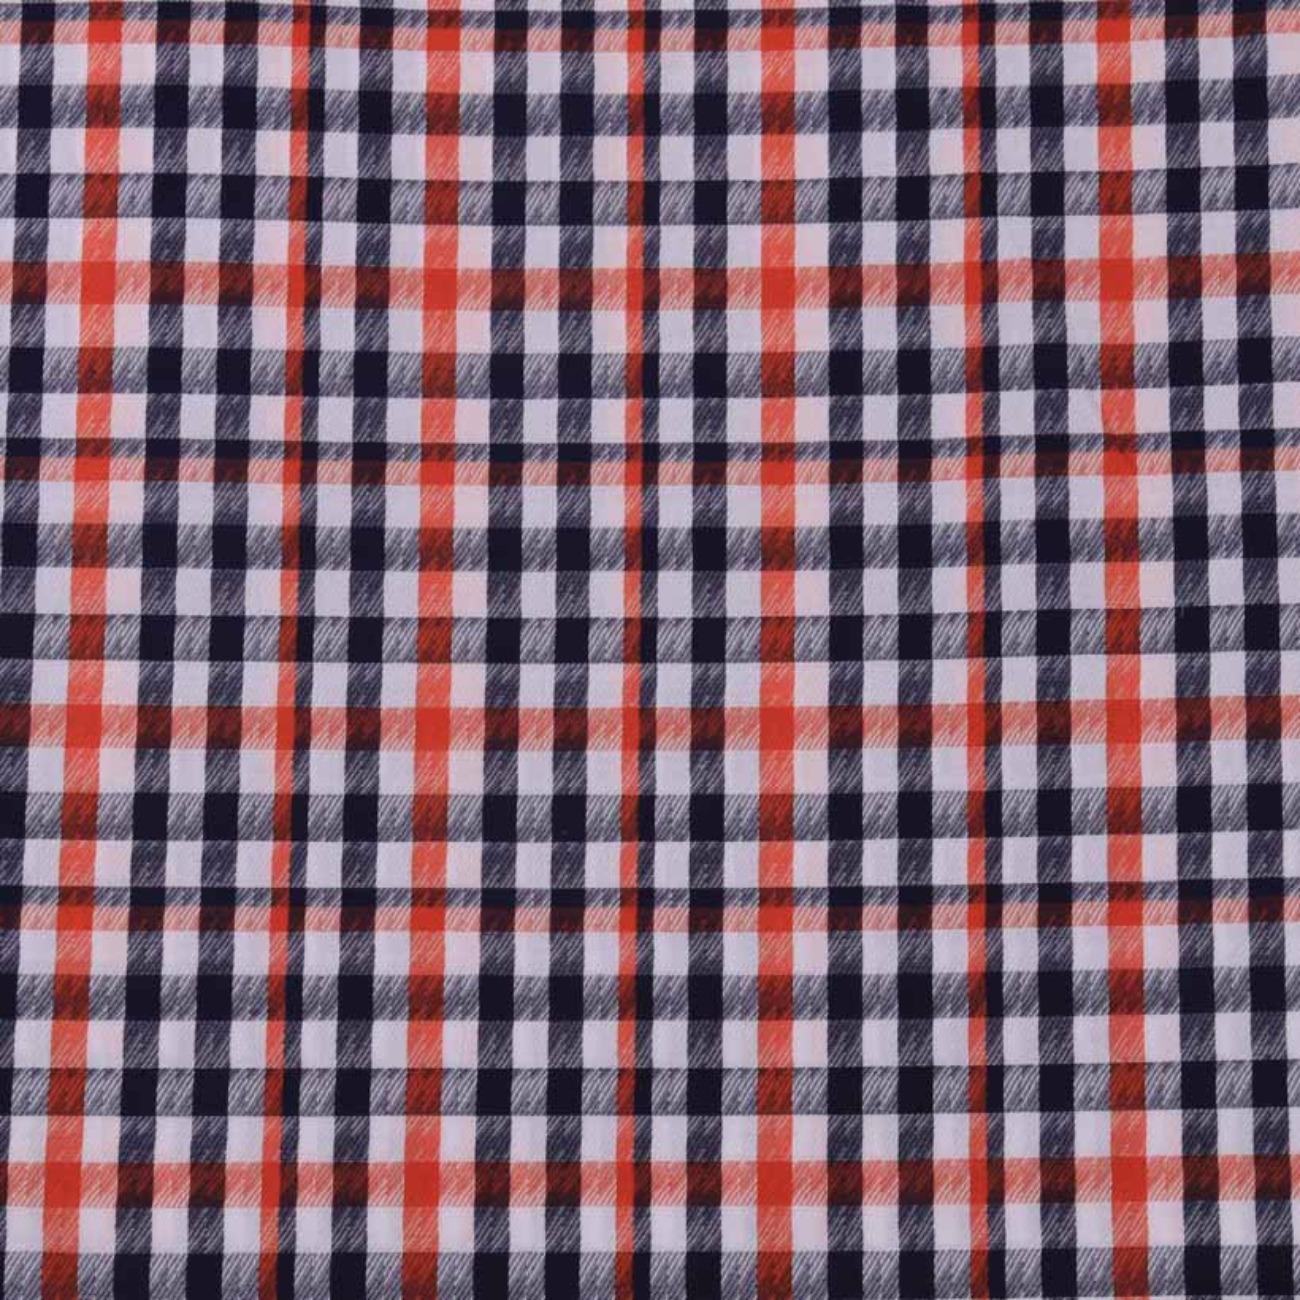 格子 色织 休闲时尚风格 现货 梭织 低弹衬衫连衣裙 短裙 棉感 60929-62